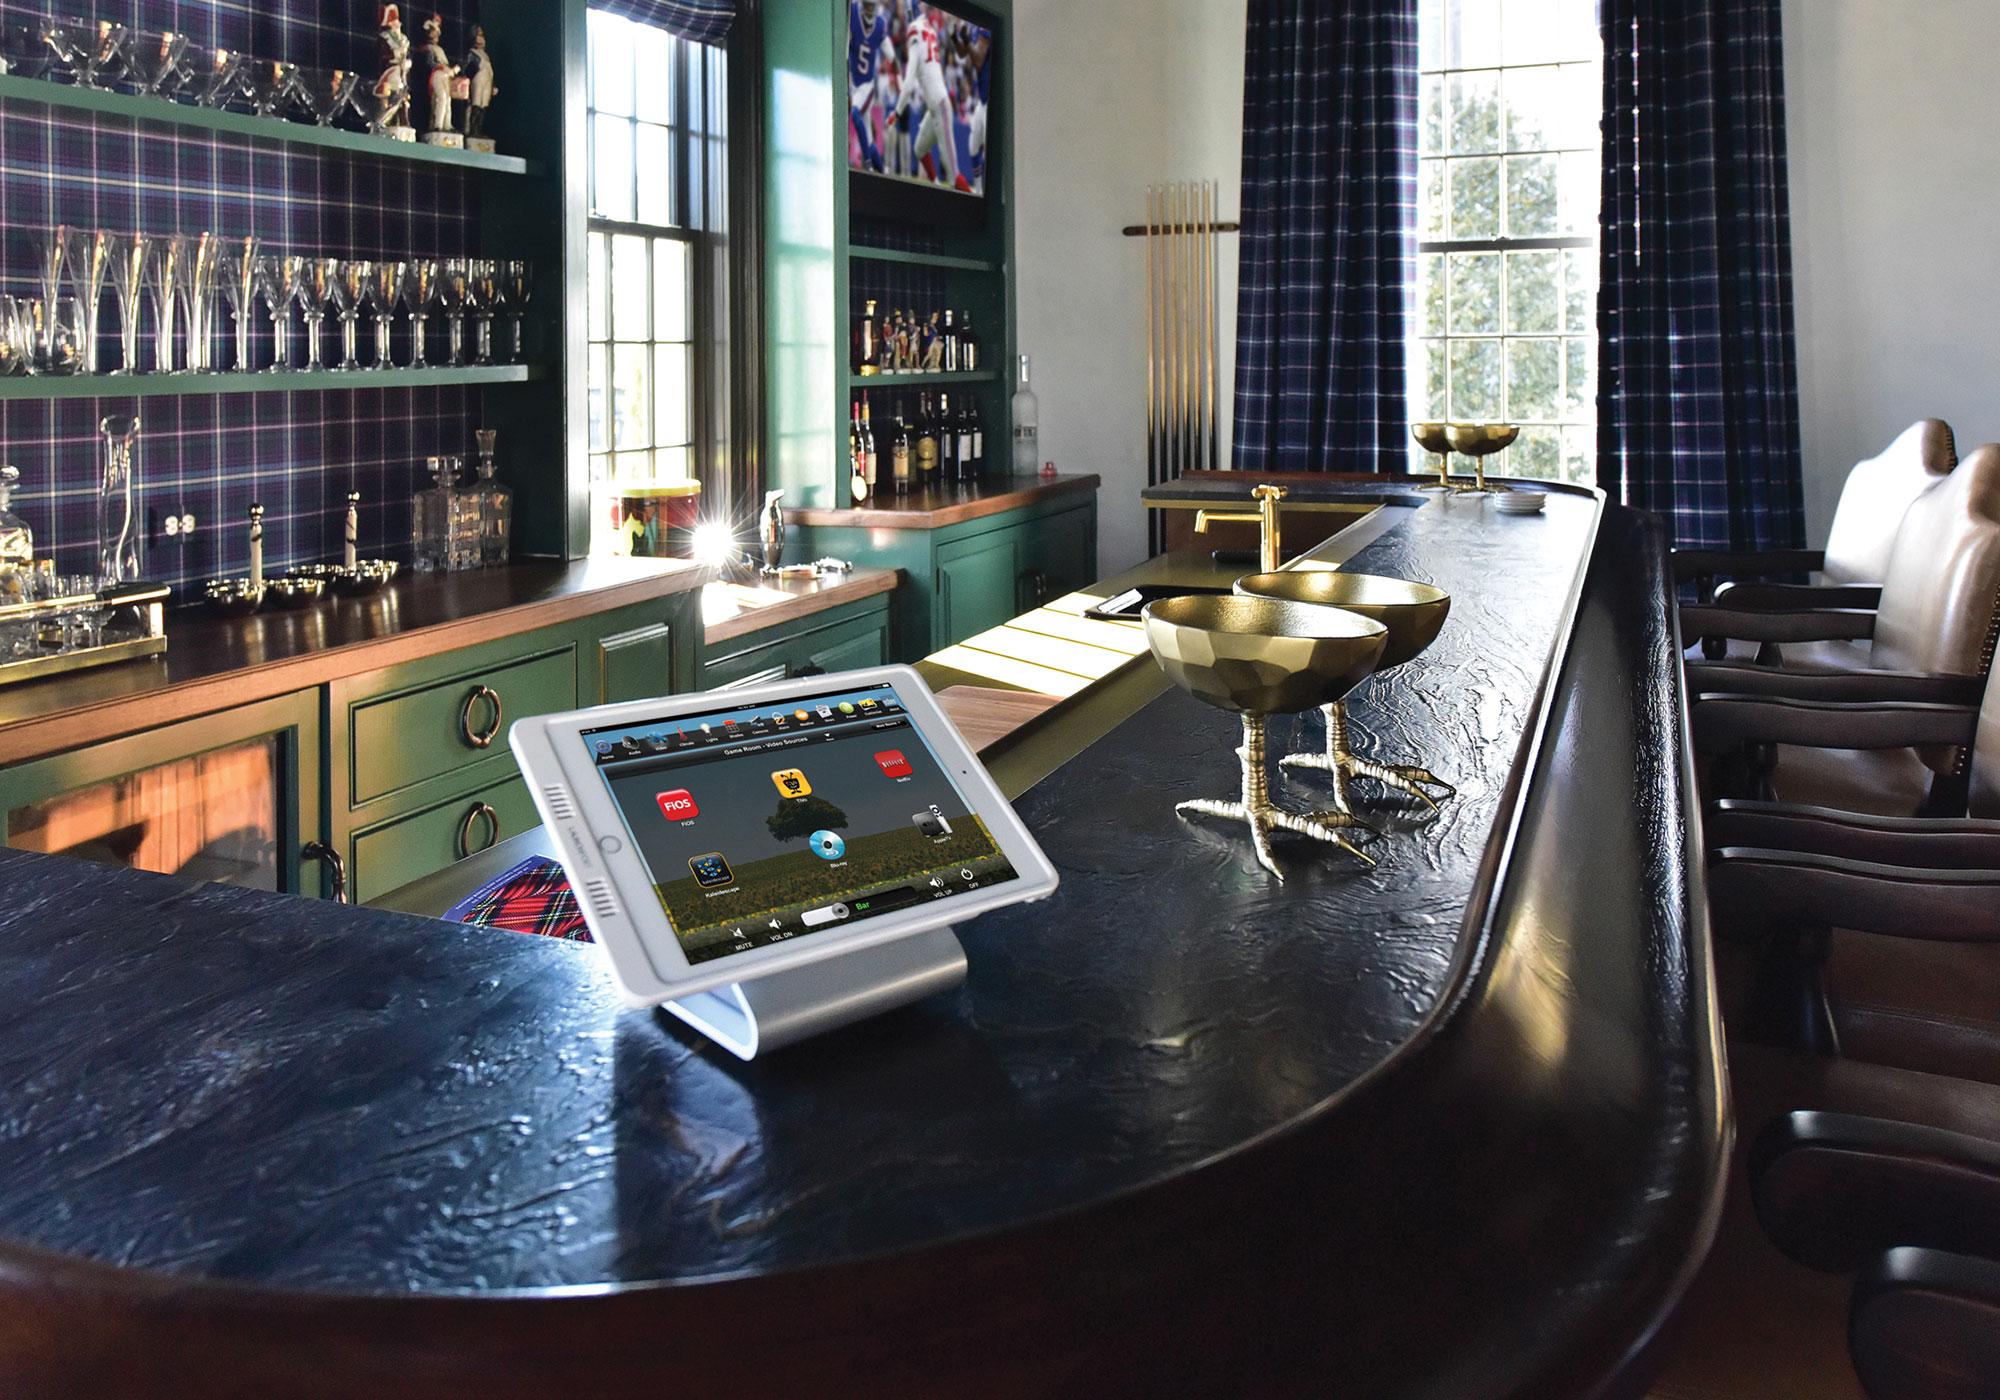 sport bar, touchscreen, tabletop touchscreen, video screen, tv